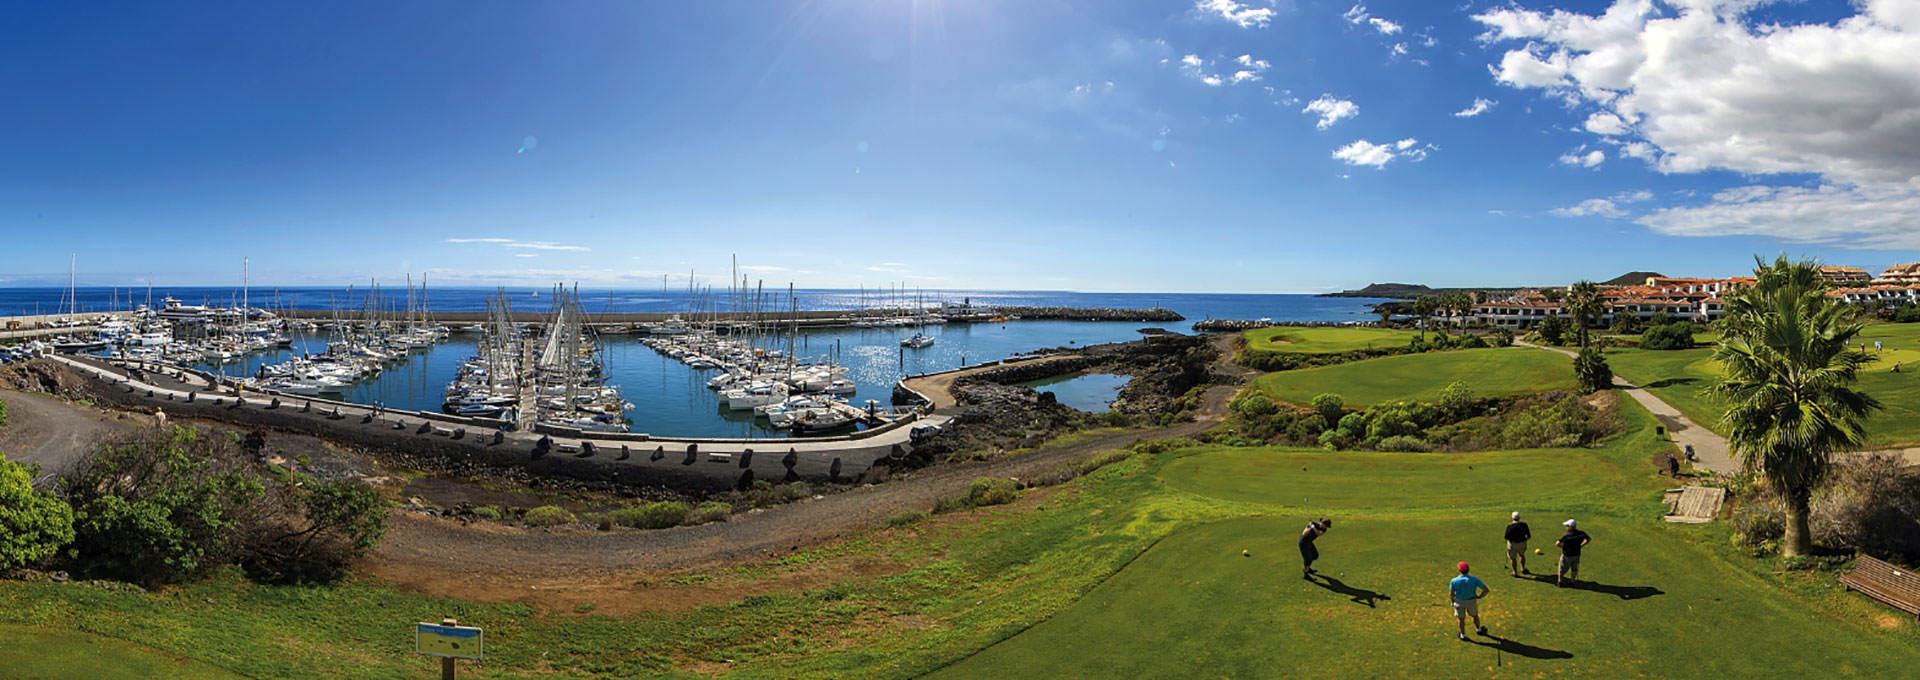 Amarilla Golf Tenerife Амарилья Гольф Тенерифе